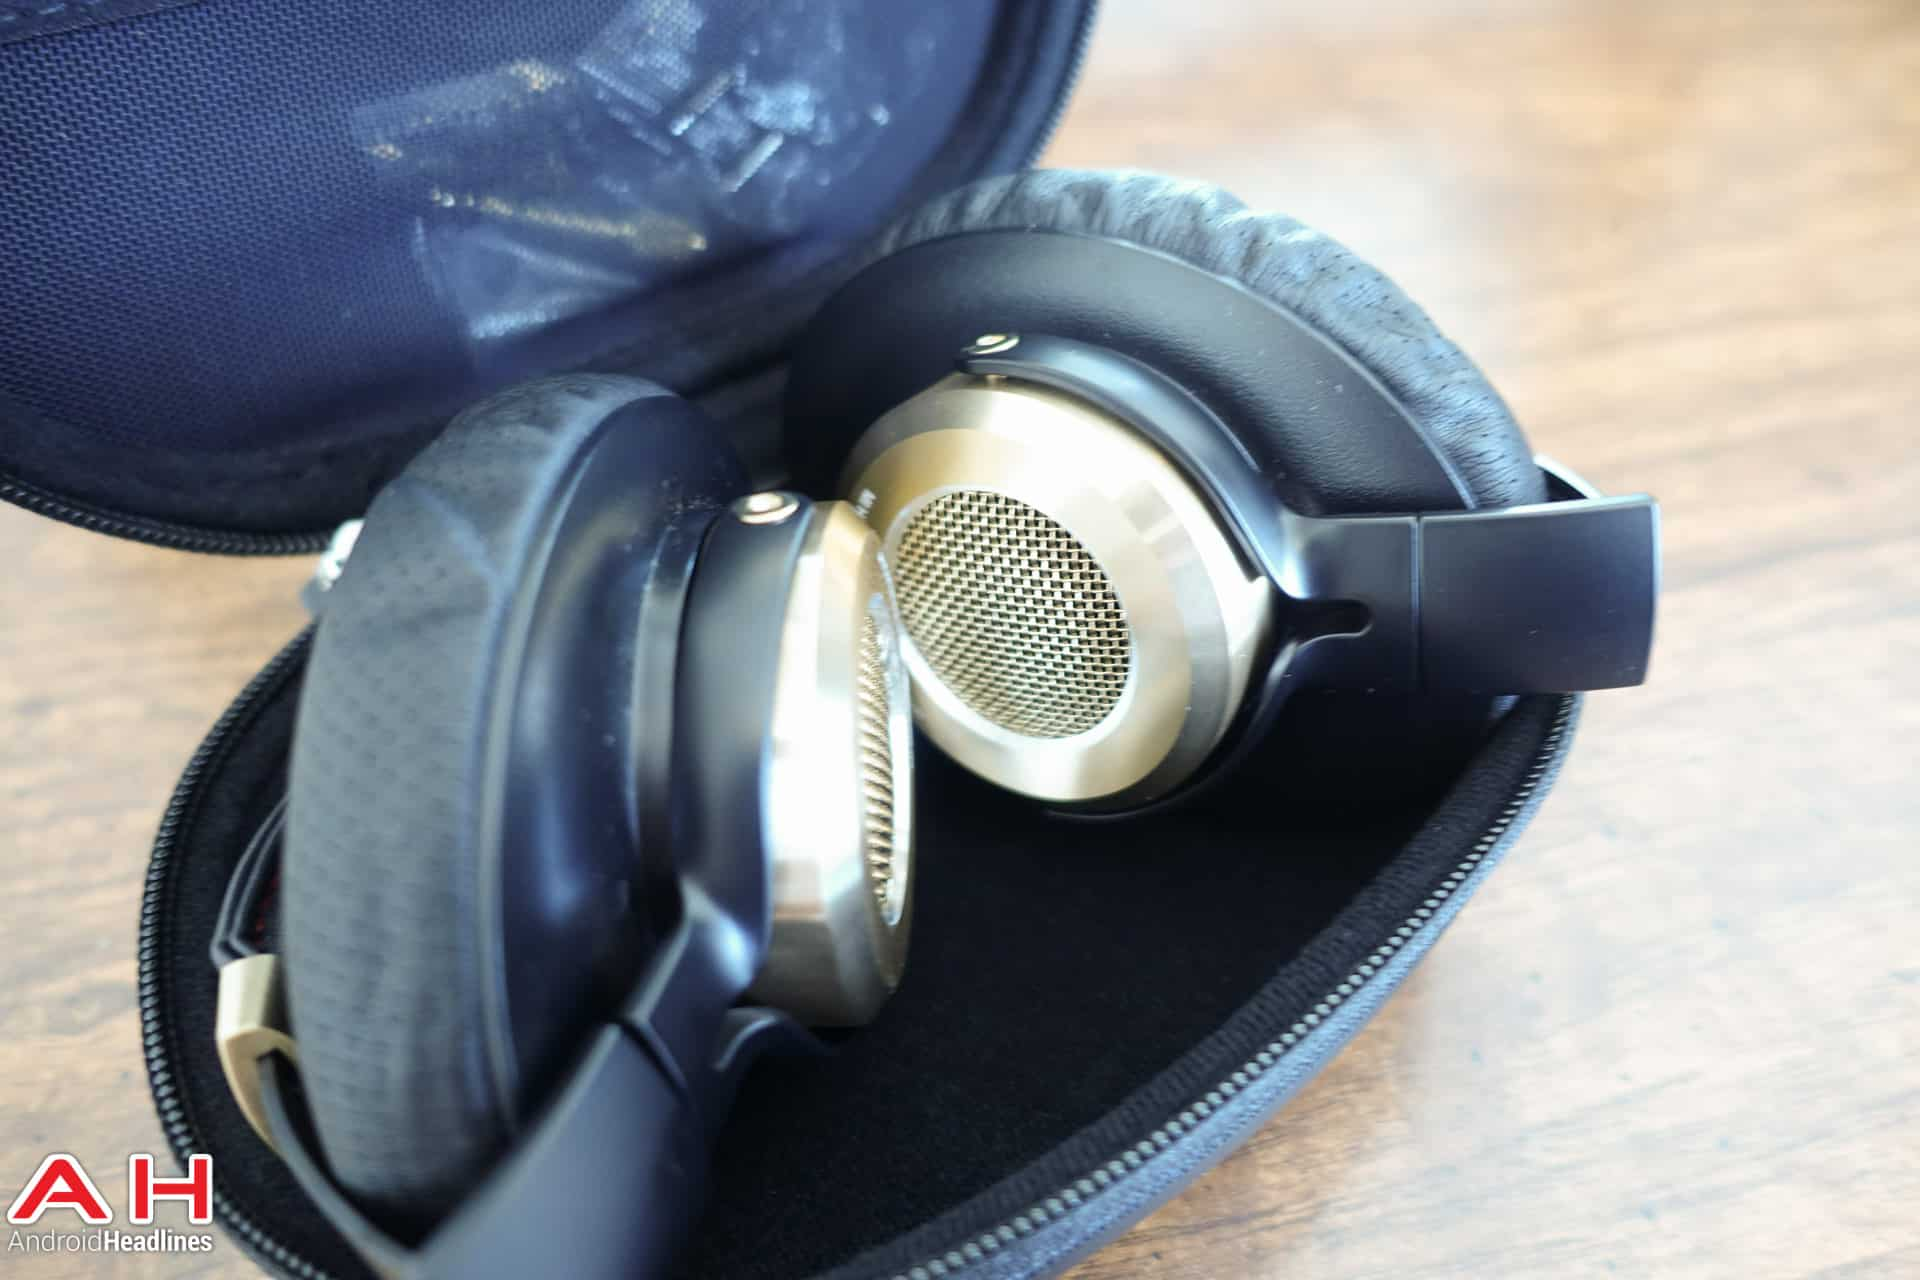 Xiaomi Mi Headphones AH 03758